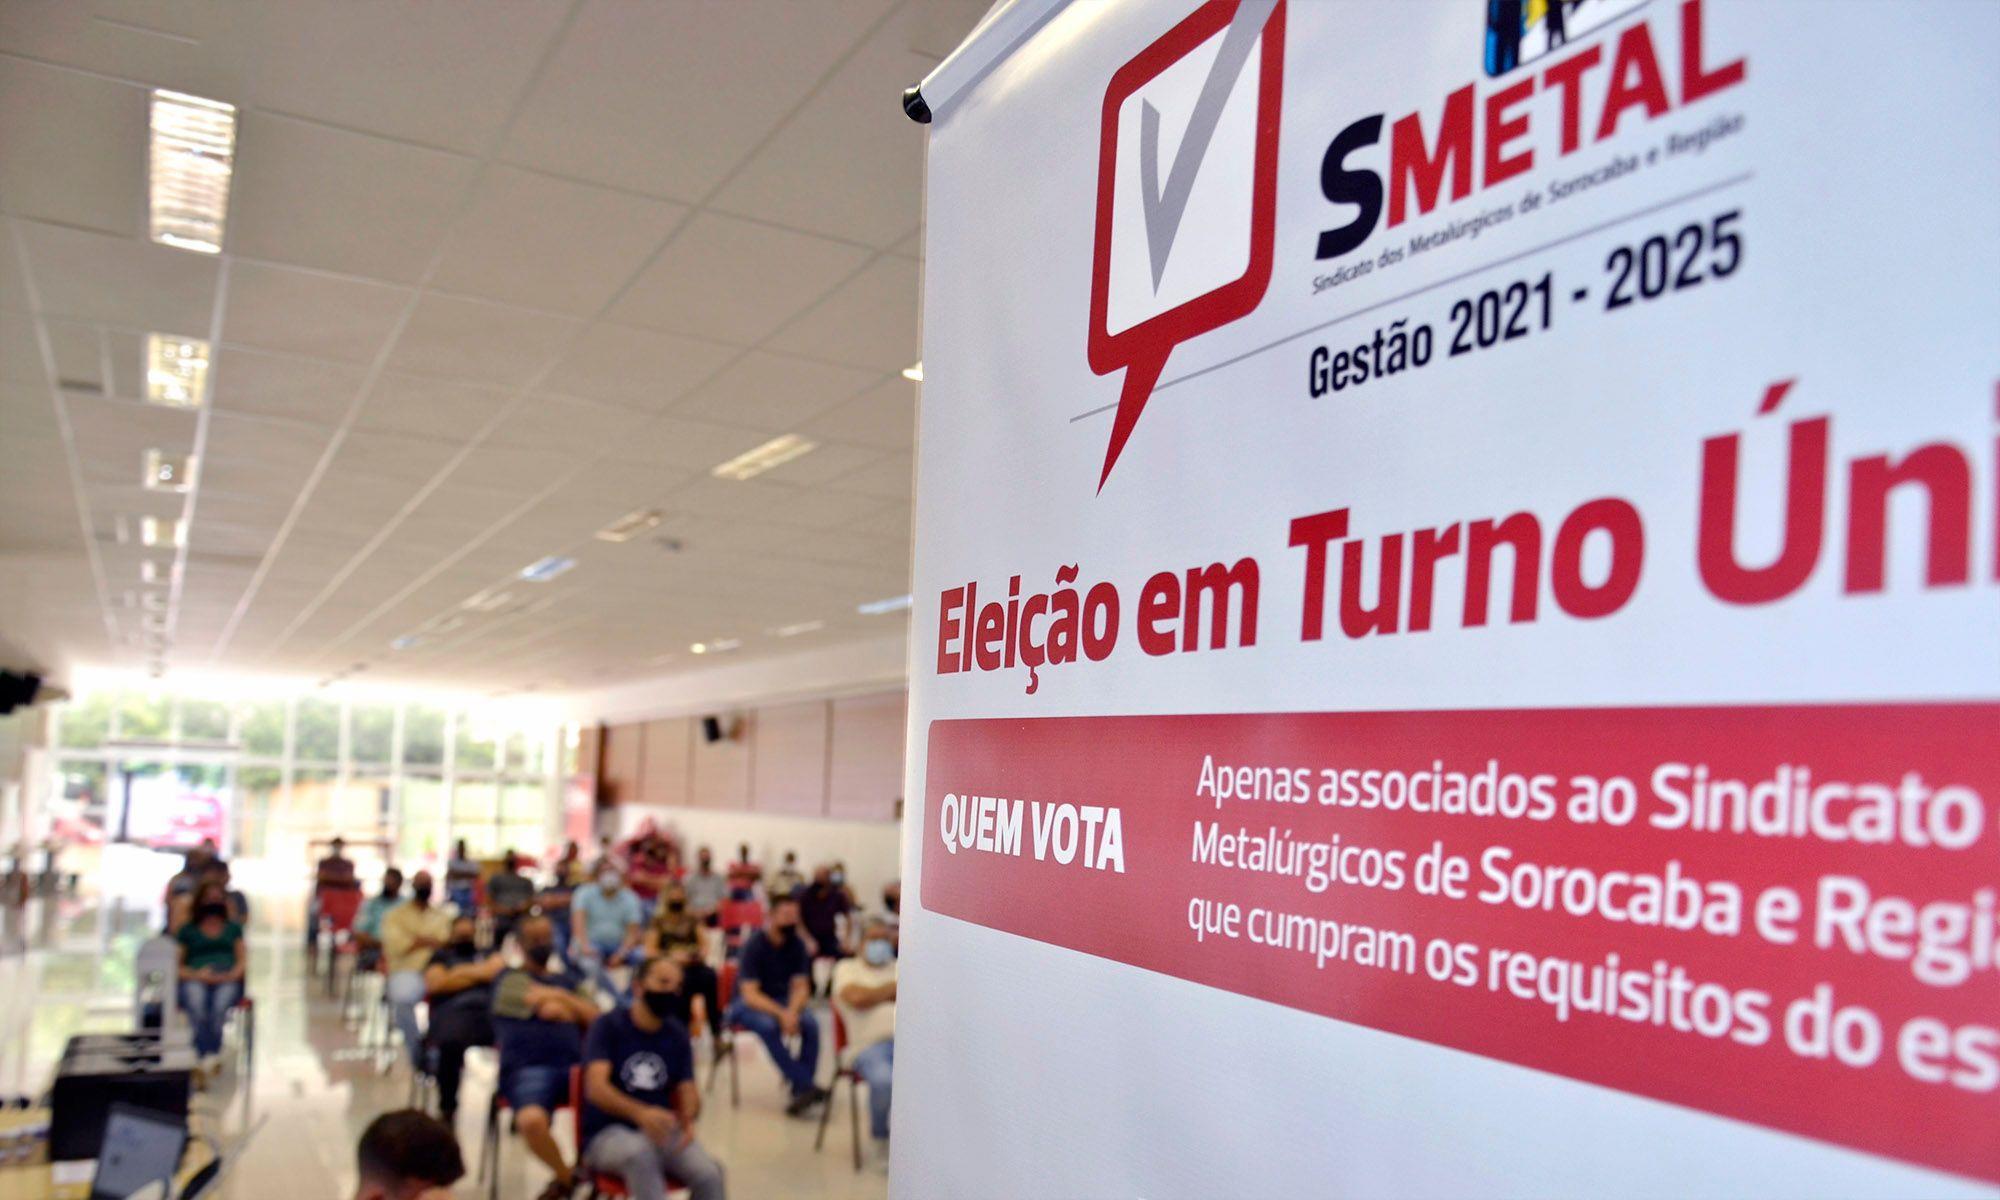 mesario, treinamento, eleição,, Daniela Gaspari / Imprensa SMetal